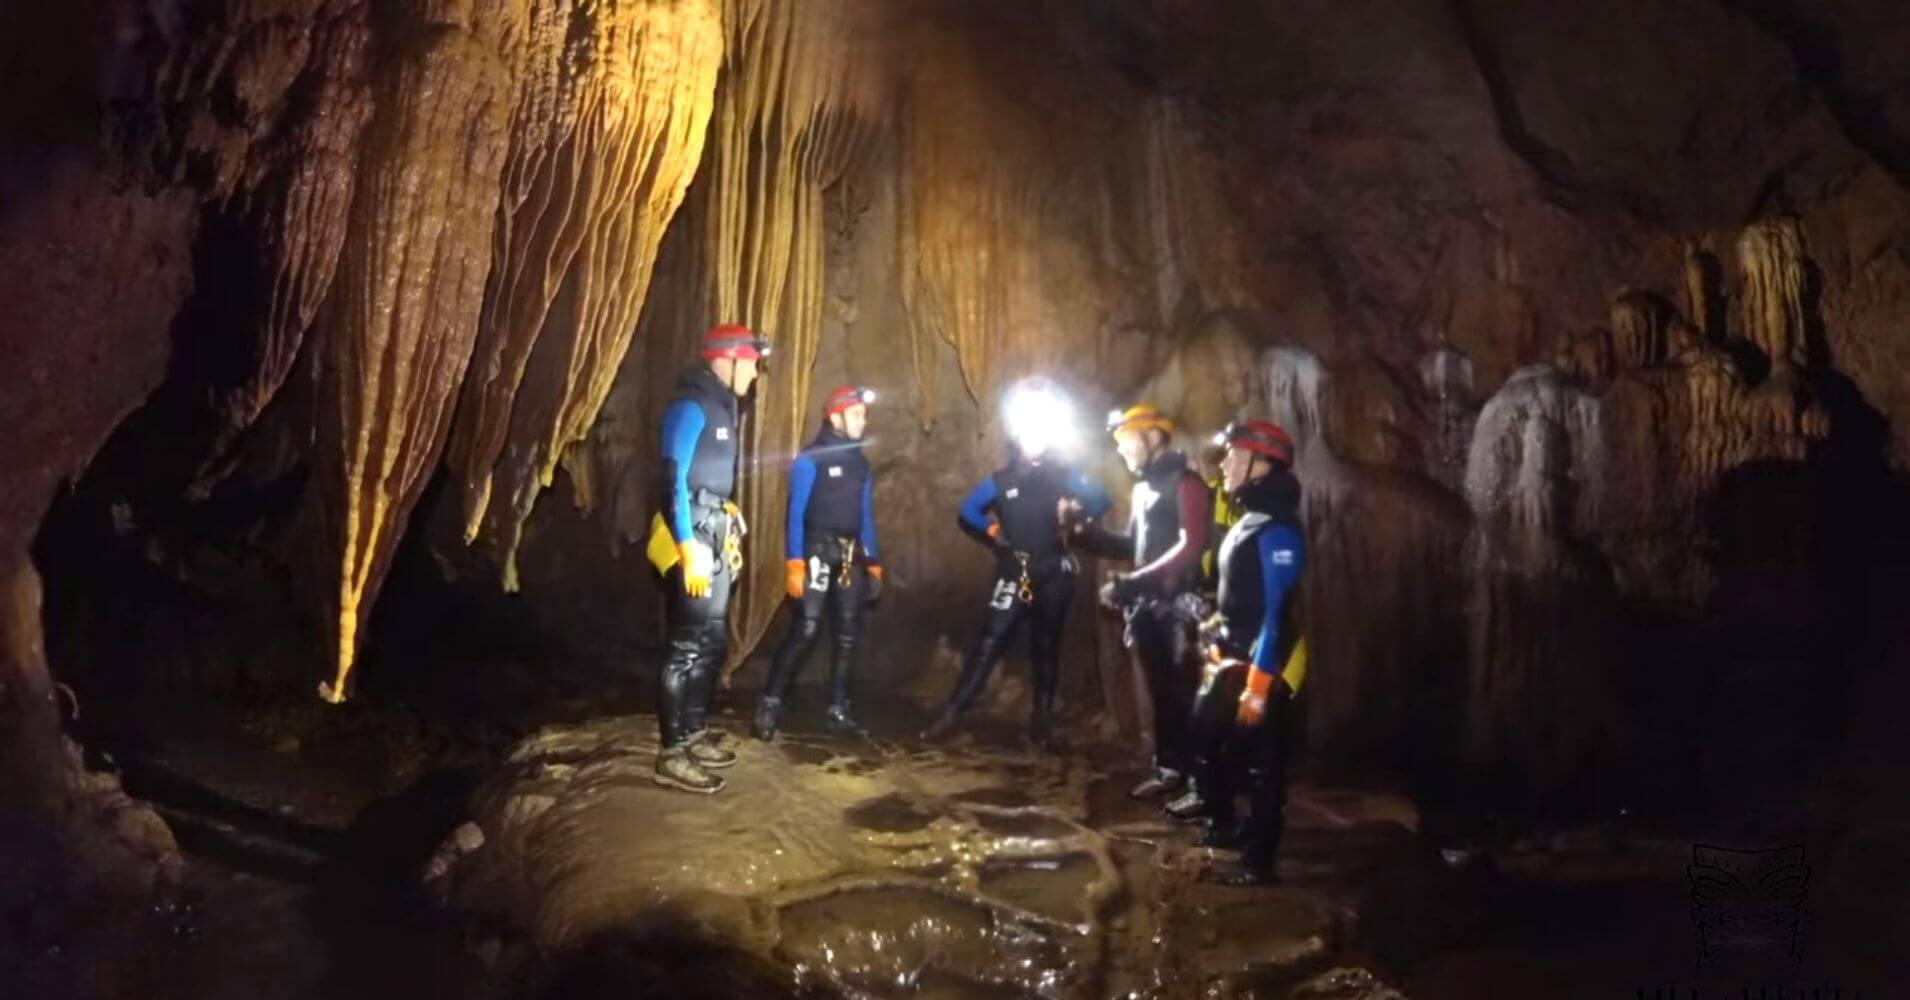 Formaciones Espeleobarranquismo Cueva de Valoporquero. Vegacervera, León. Castilla y León.